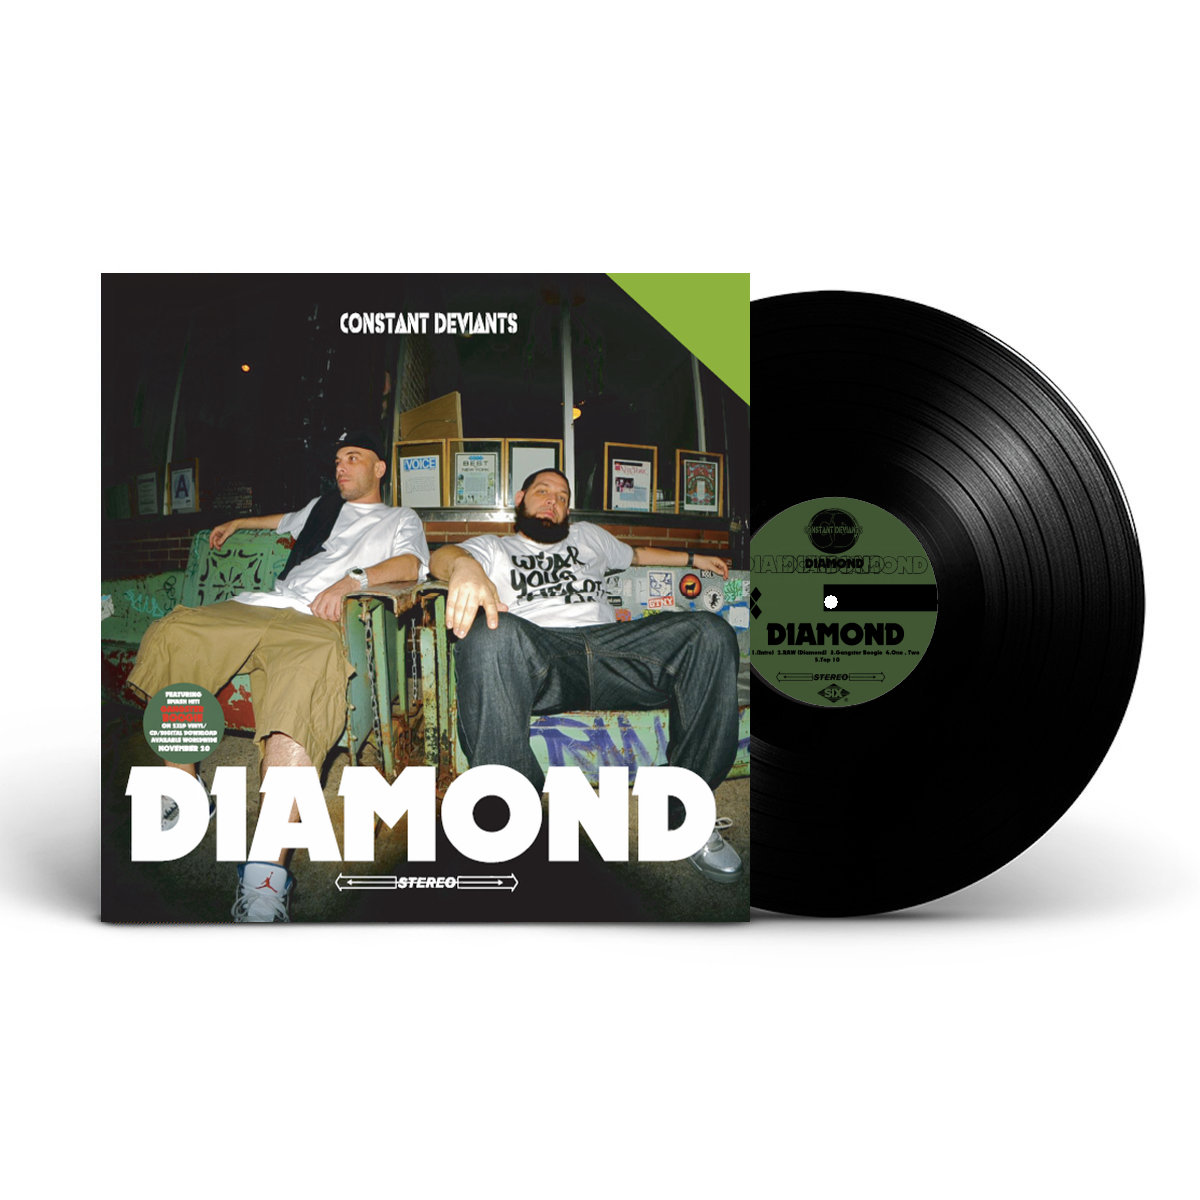 Mach hommy mach-hommy x thagodfahim - dollar menu lp full album flac